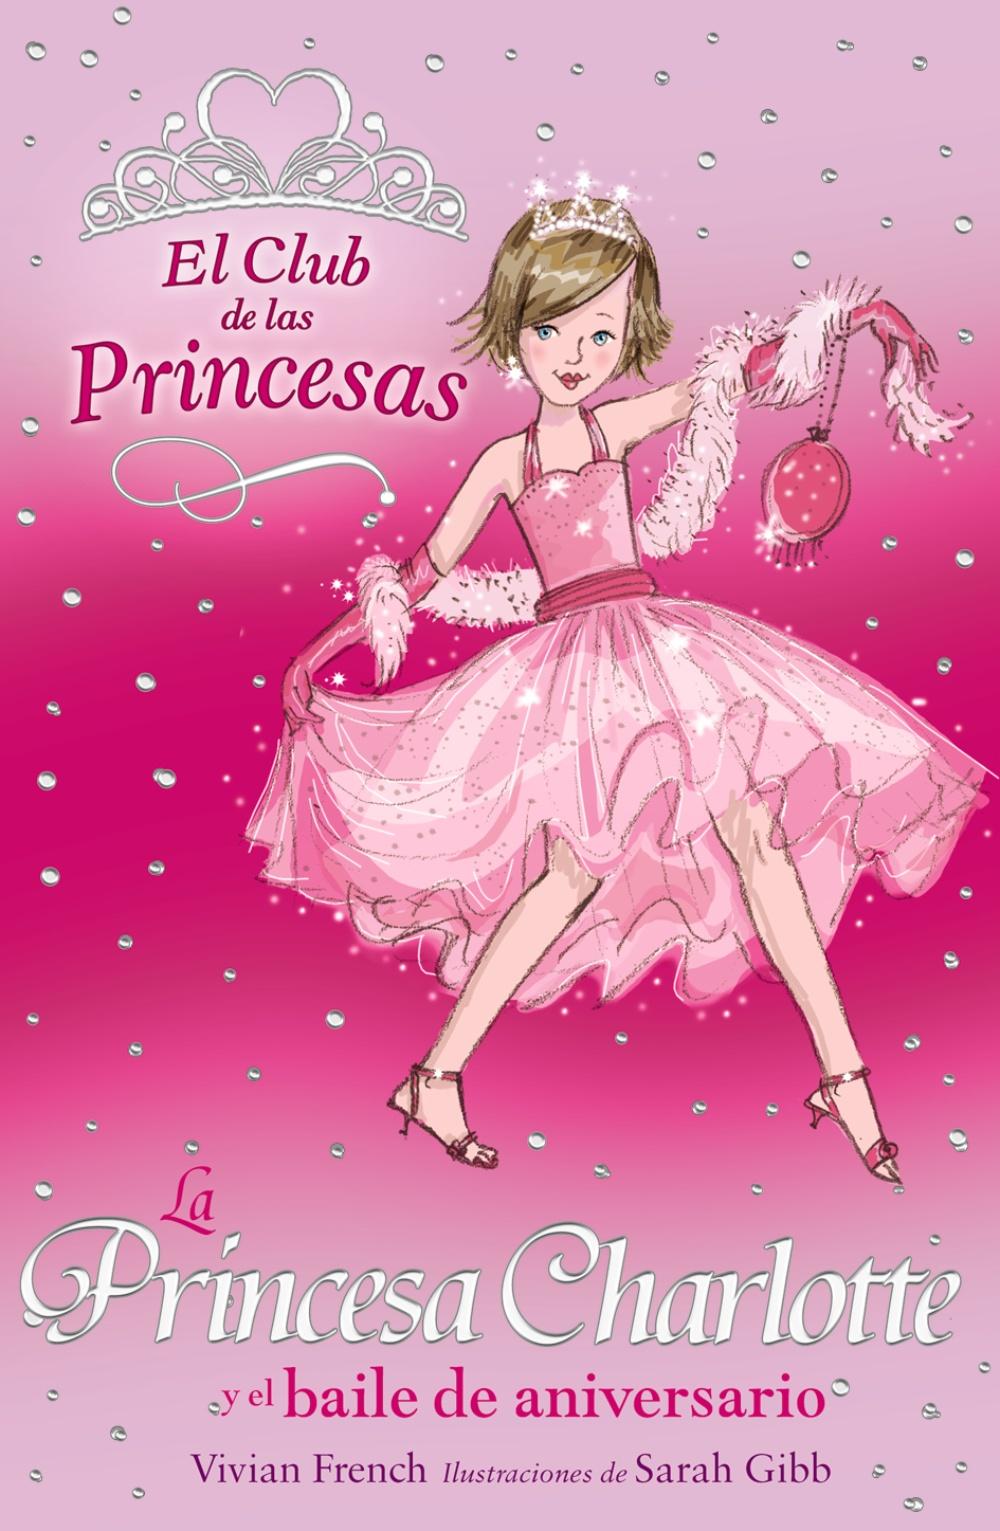 La Princesa Charlotte y el baile de aniversario | Anaya Infantil y ...